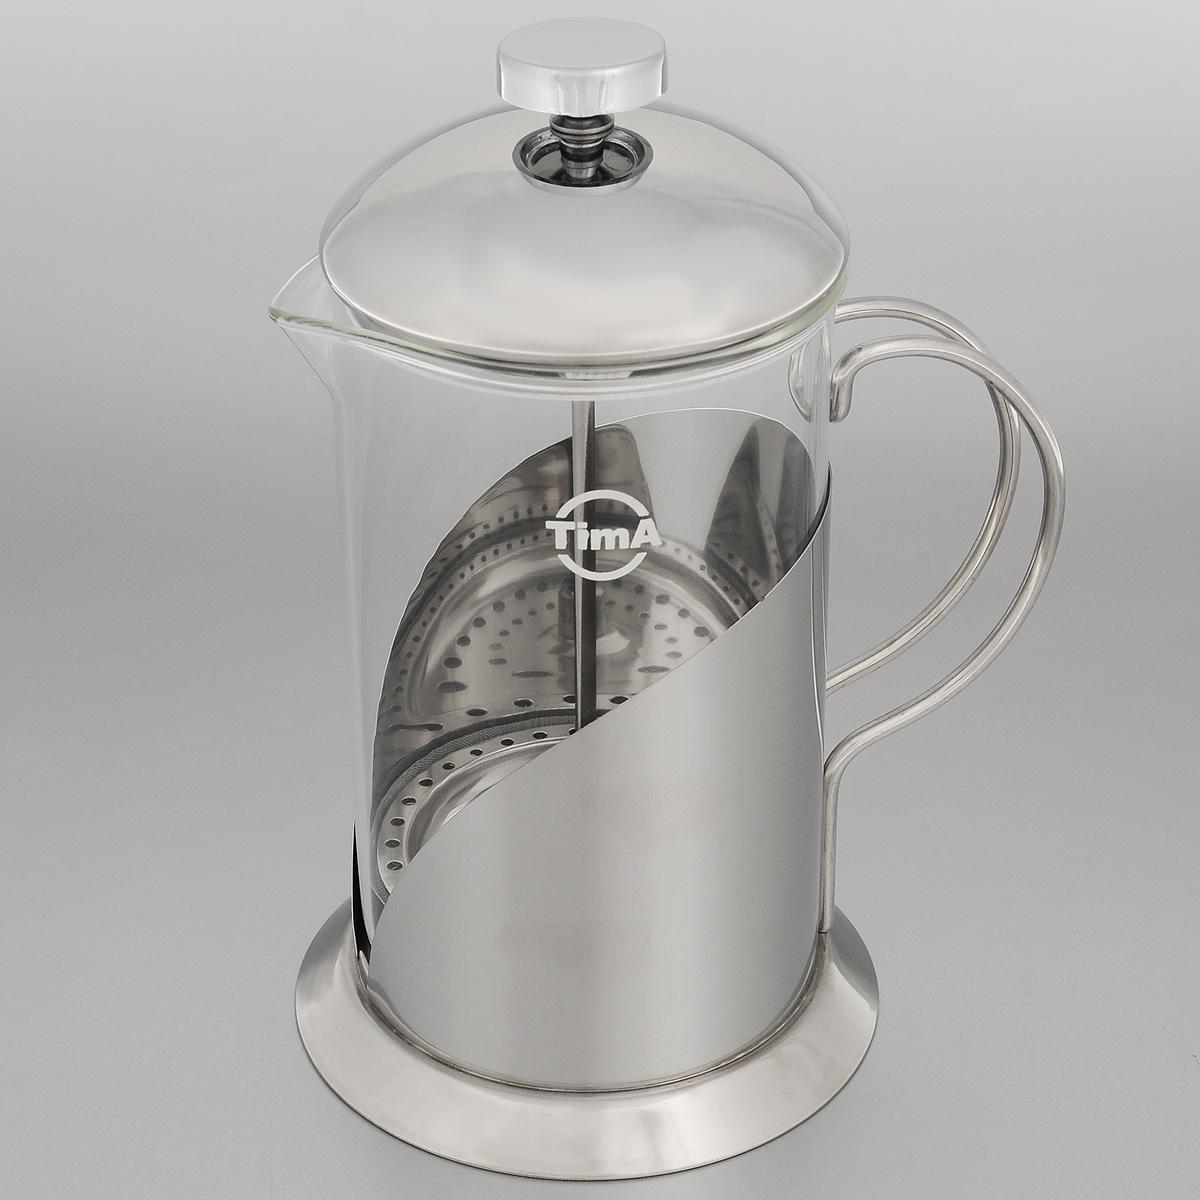 Френч-пресс TimA Тирамису, 800 млCM000001328Френч-пресс TimA Тирамису специально предназначен для приготовления кофе или чая методом настаивания и отжима. Преимуществ, которыми обладает френч-пресс перед обычным заварником, немало. Это удобство: засыпав чай под поршень и закрыв конструкцию крышкой, вы можете после заваривания разливать чай без использования дополнительных фильтров и других приспособлений. Кроме того, френч-пресс на столе смотрится очень элегантно - все участники чаепития смогут не только насладиться безупречным вкусом напитка, но и наблюдать процесс заваривания, раскрытия вкуса и цвета чая, высвобождения его аромата. Френч-пресс позволяет полностью извлечь полезные вещества из травяных чаев. Можно мыть в посудомоечной машине. Диаметр основания: 12 см. Диаметр (по верхнему краю): 10 см. Высота френч-пресса: 22 см.